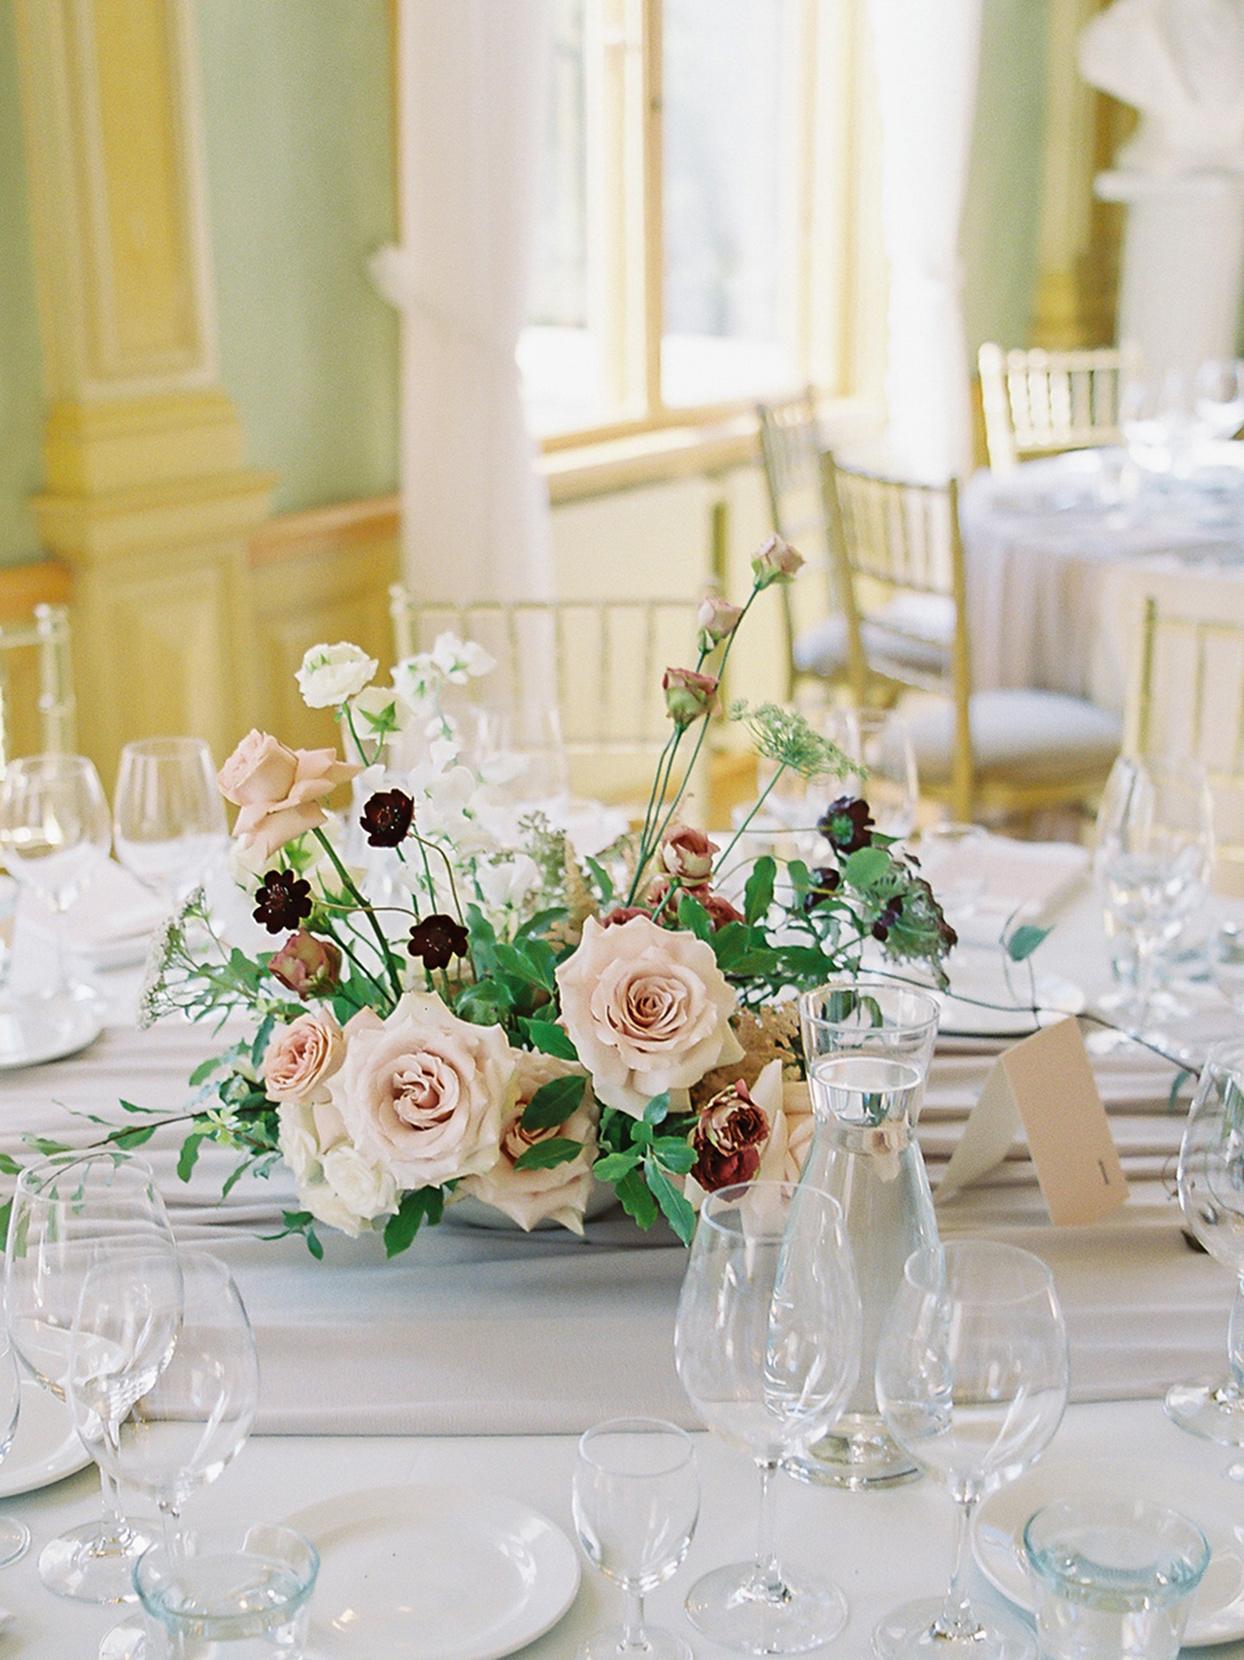 laura alexander wedding floral centerpiece